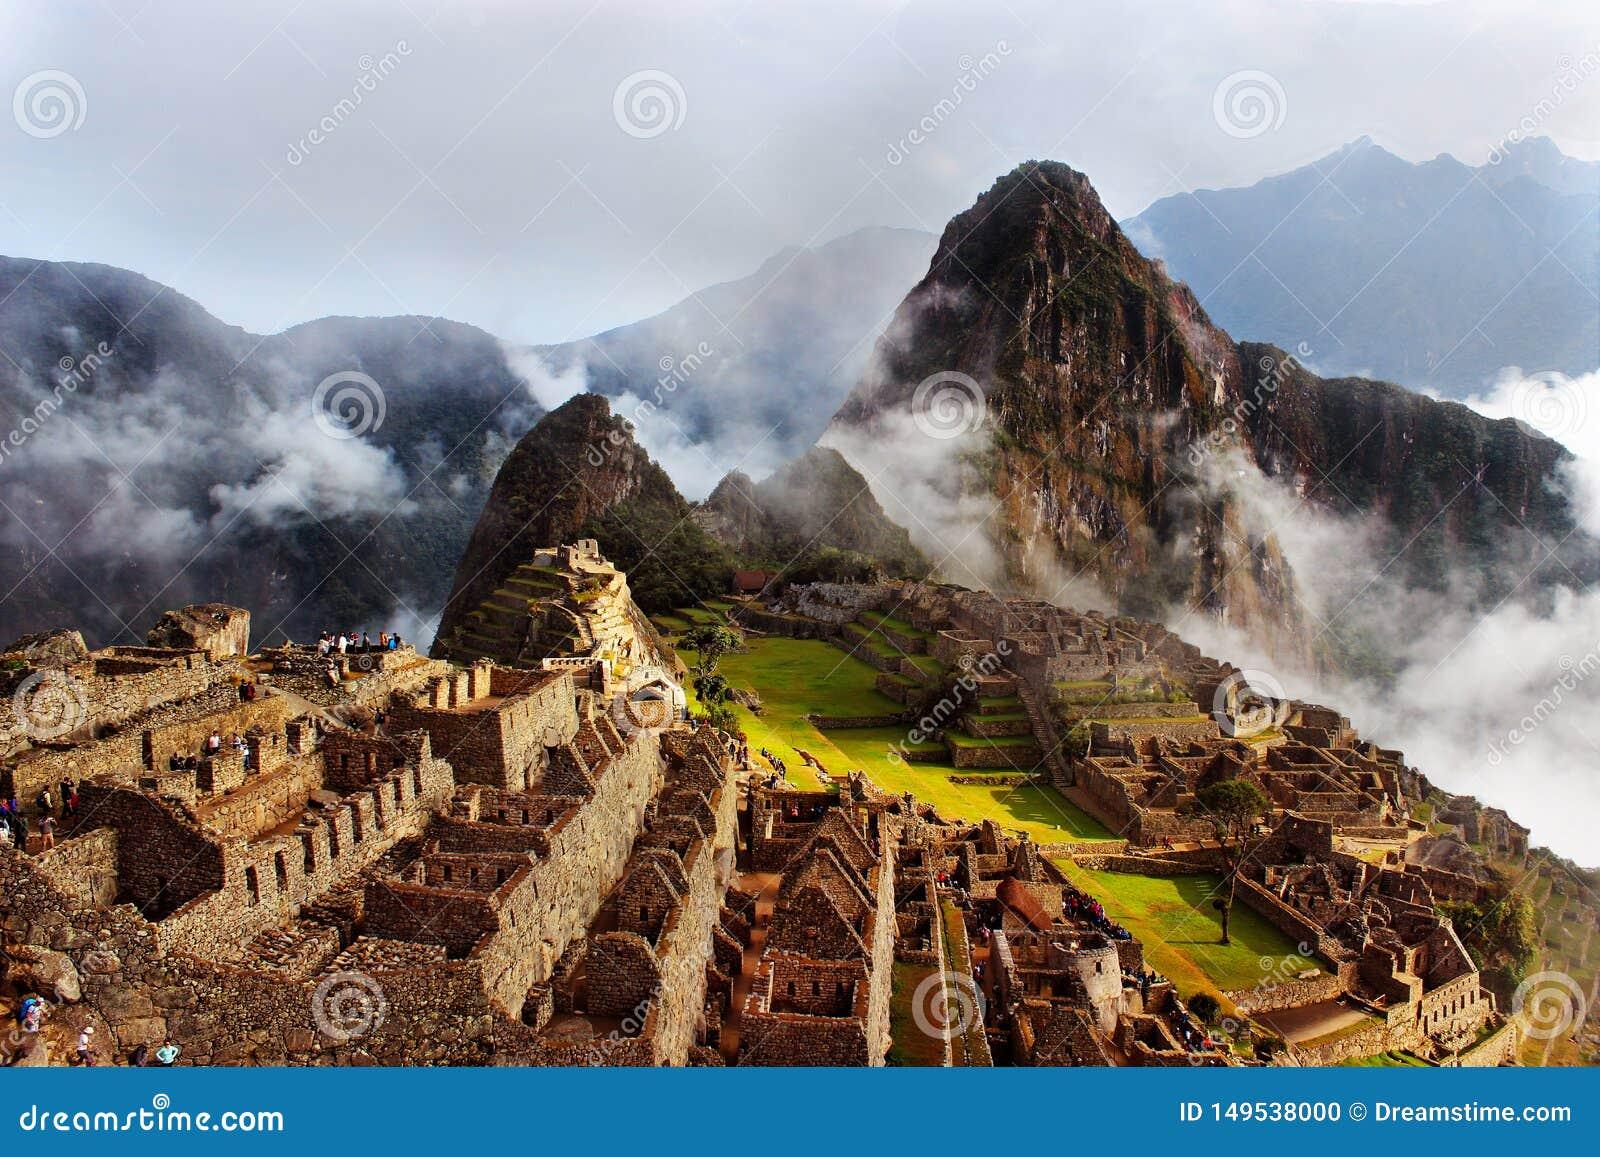 Voyage incroyable à Machu Picchu